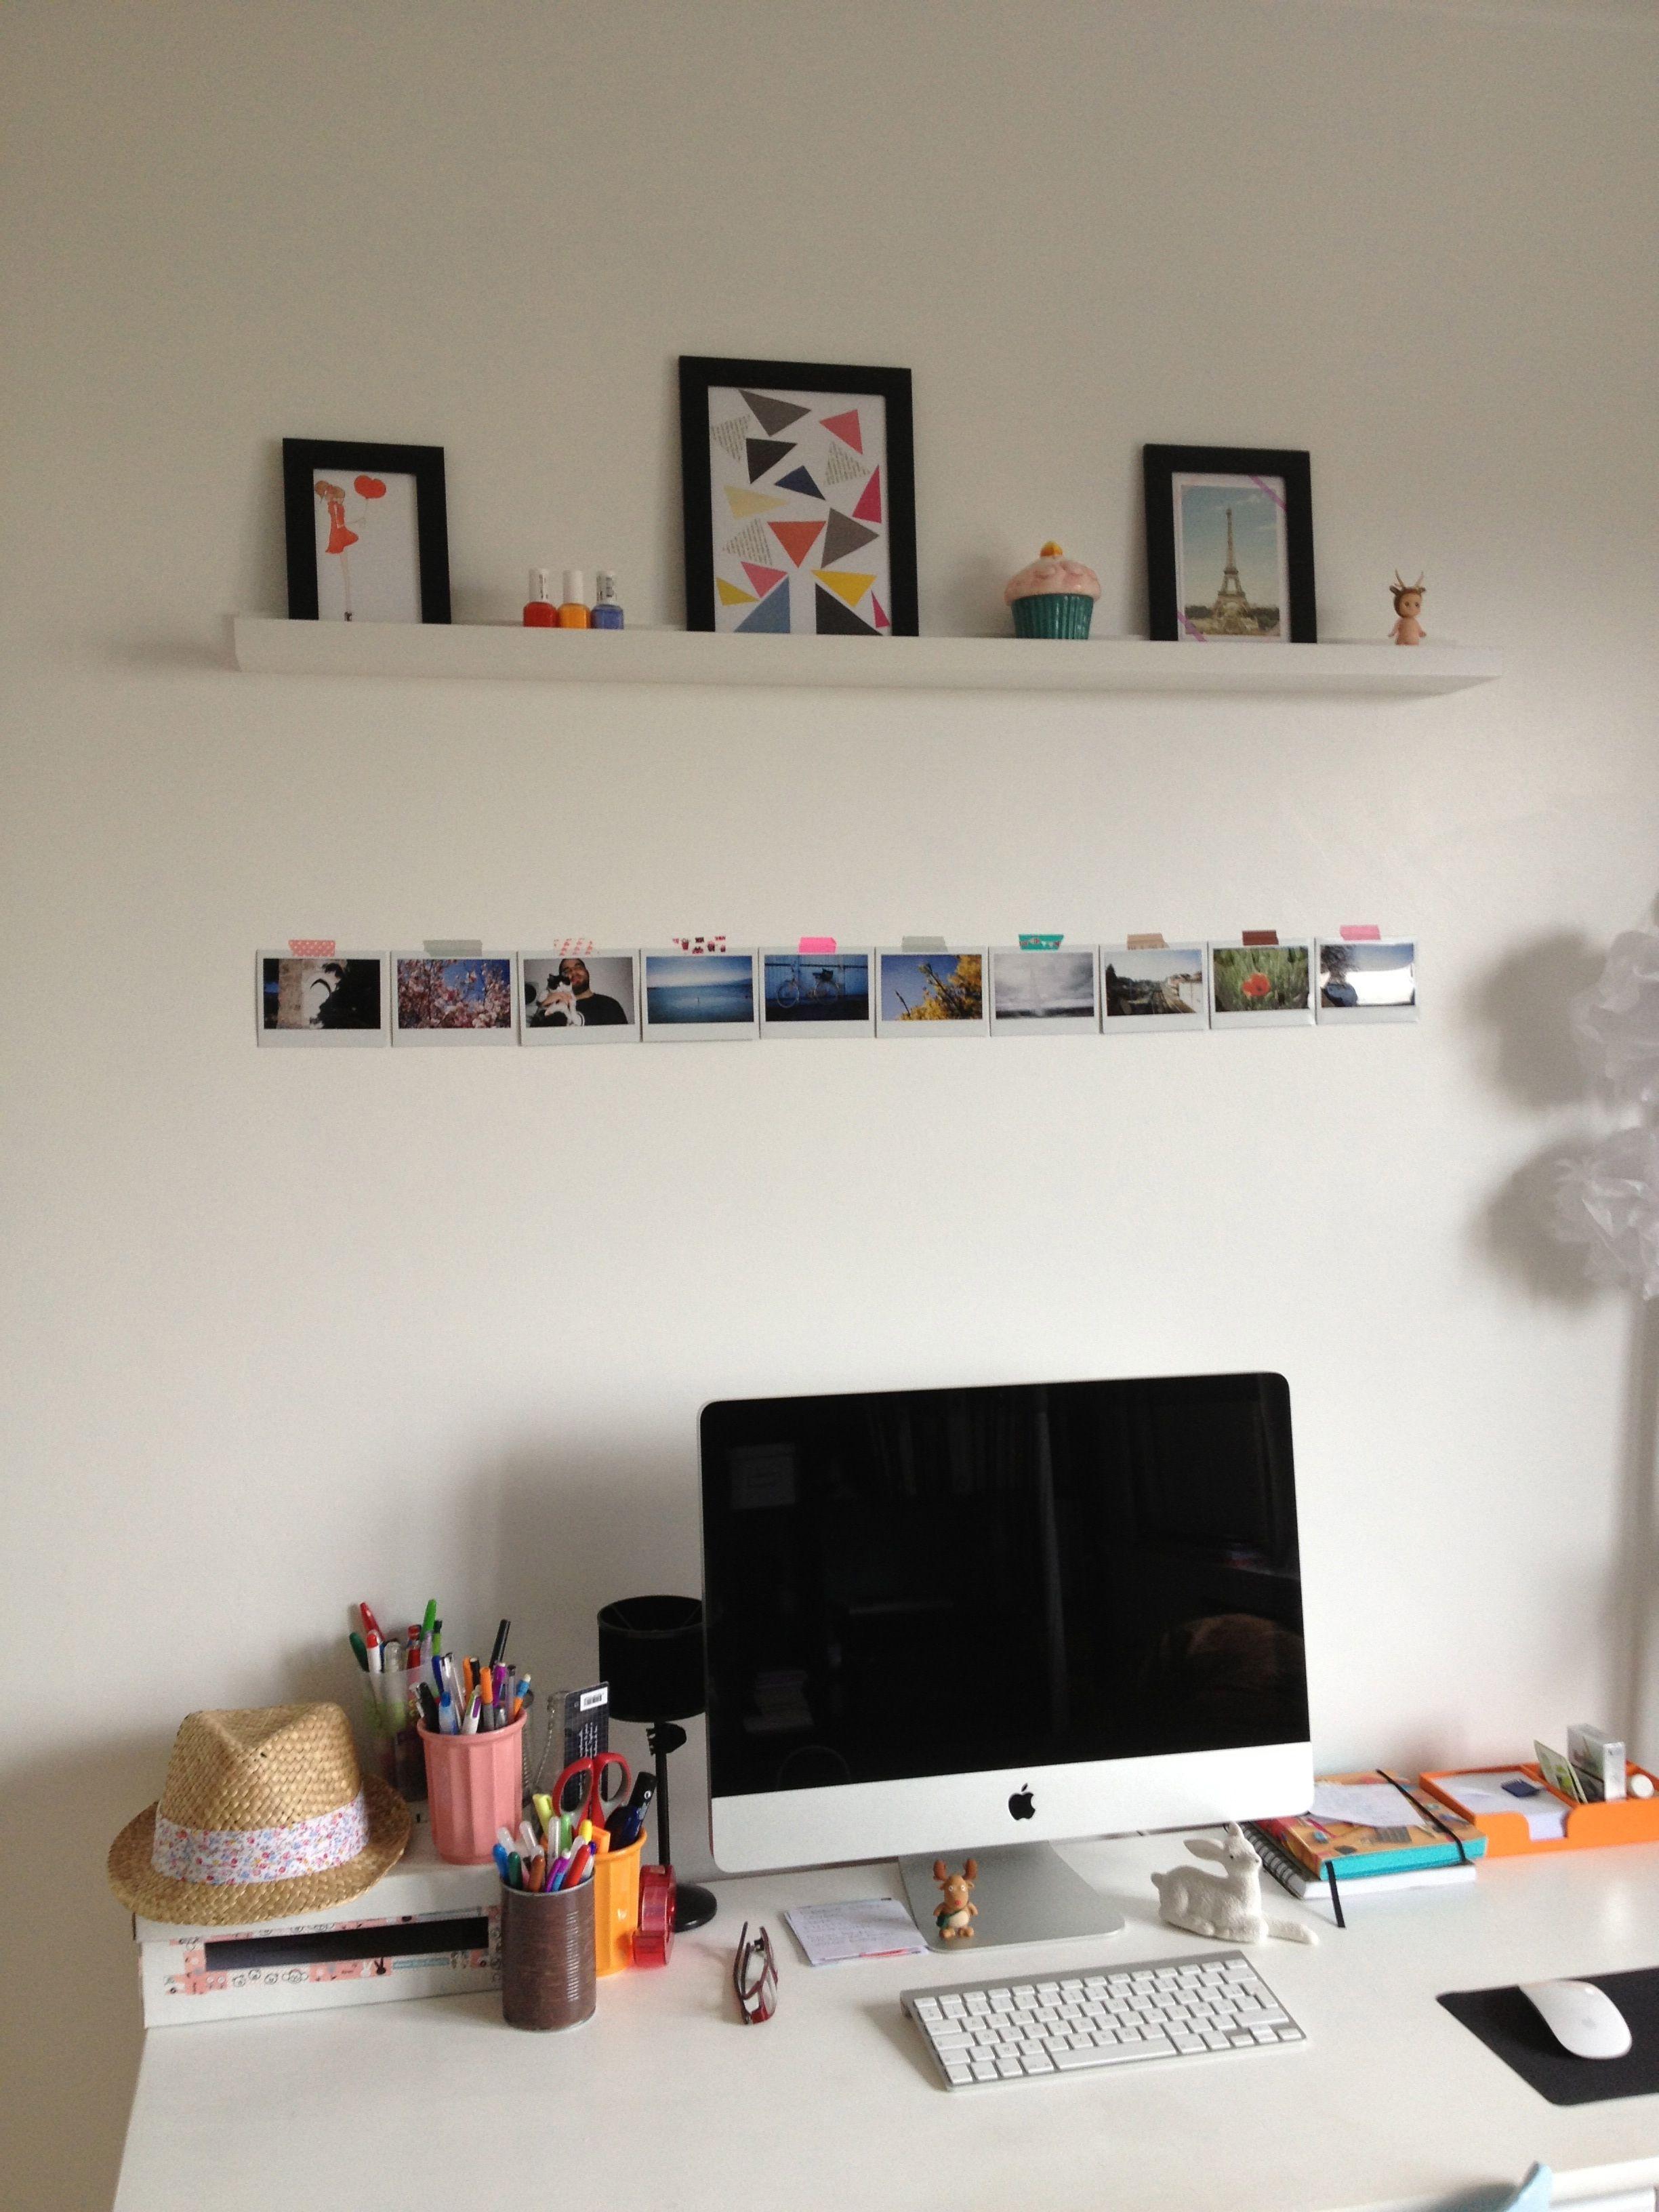 Bureau vintage id es d co pastel etag re cadres multiples sonny angel home inspo home - Idee deco bureau ...